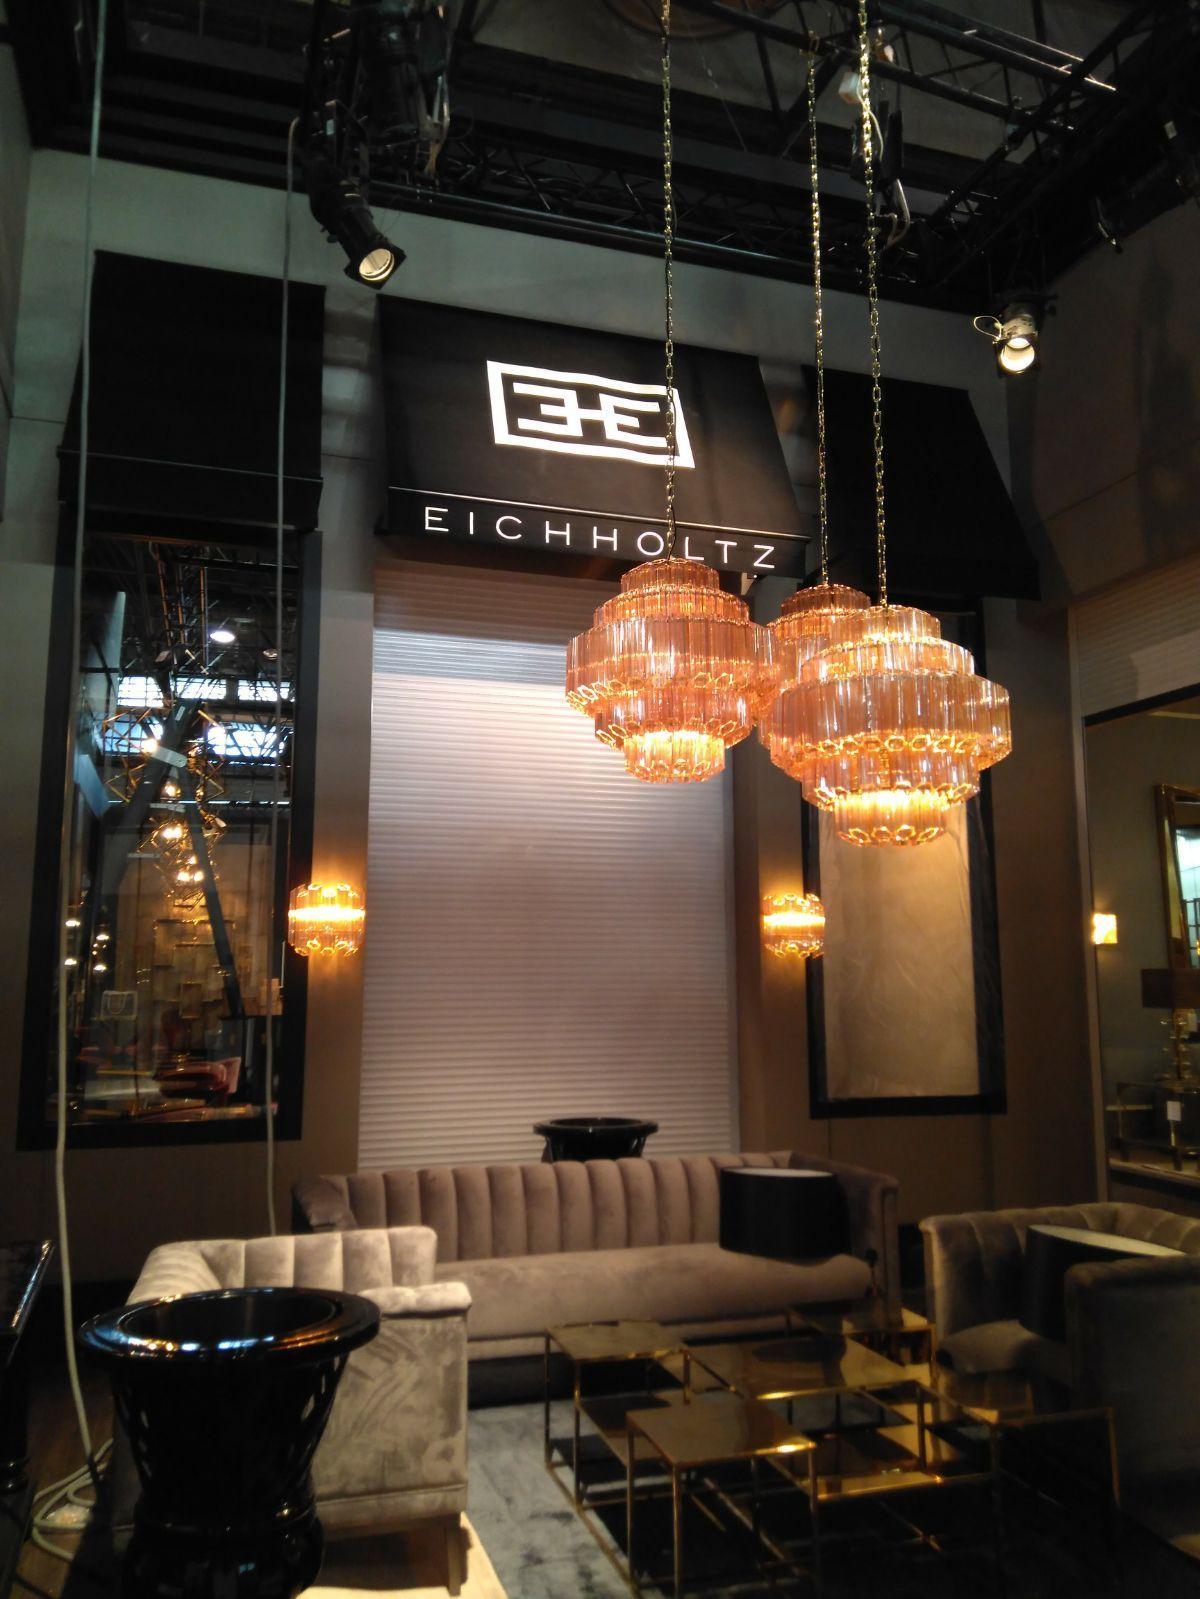 Le Meilleur Salon De Design Maison Et Objet C Est Presque La Et Circu Veut Celebrer Et Montrer A Quel Point Les Meubles Pour Enfan Paris Design Design Interior Decorating